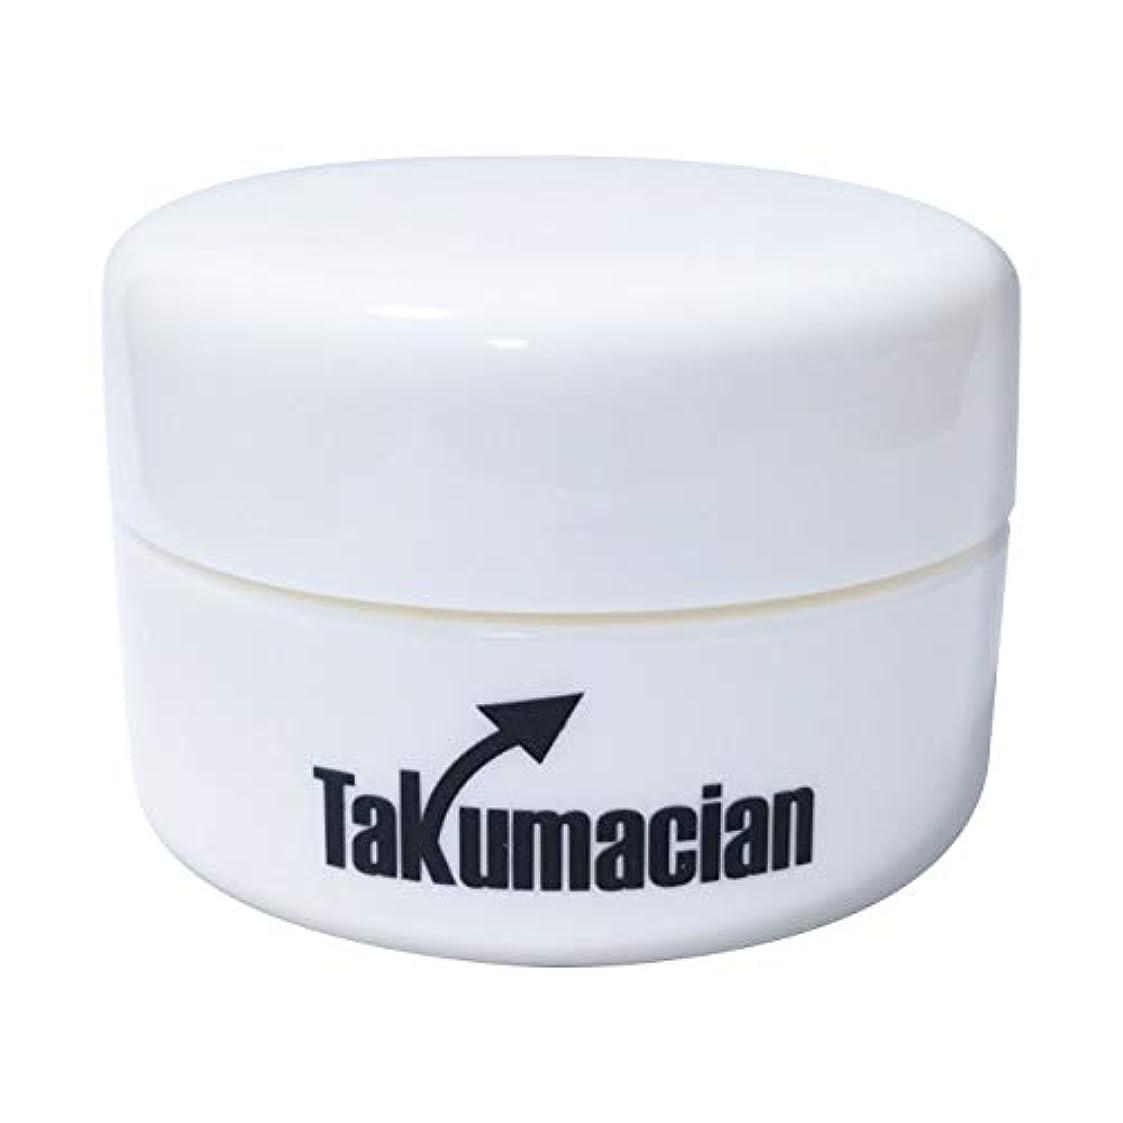 故意の簡単な放映Takumacian タクマシアン ボディ用クリーム 男性用 長持ち 自信